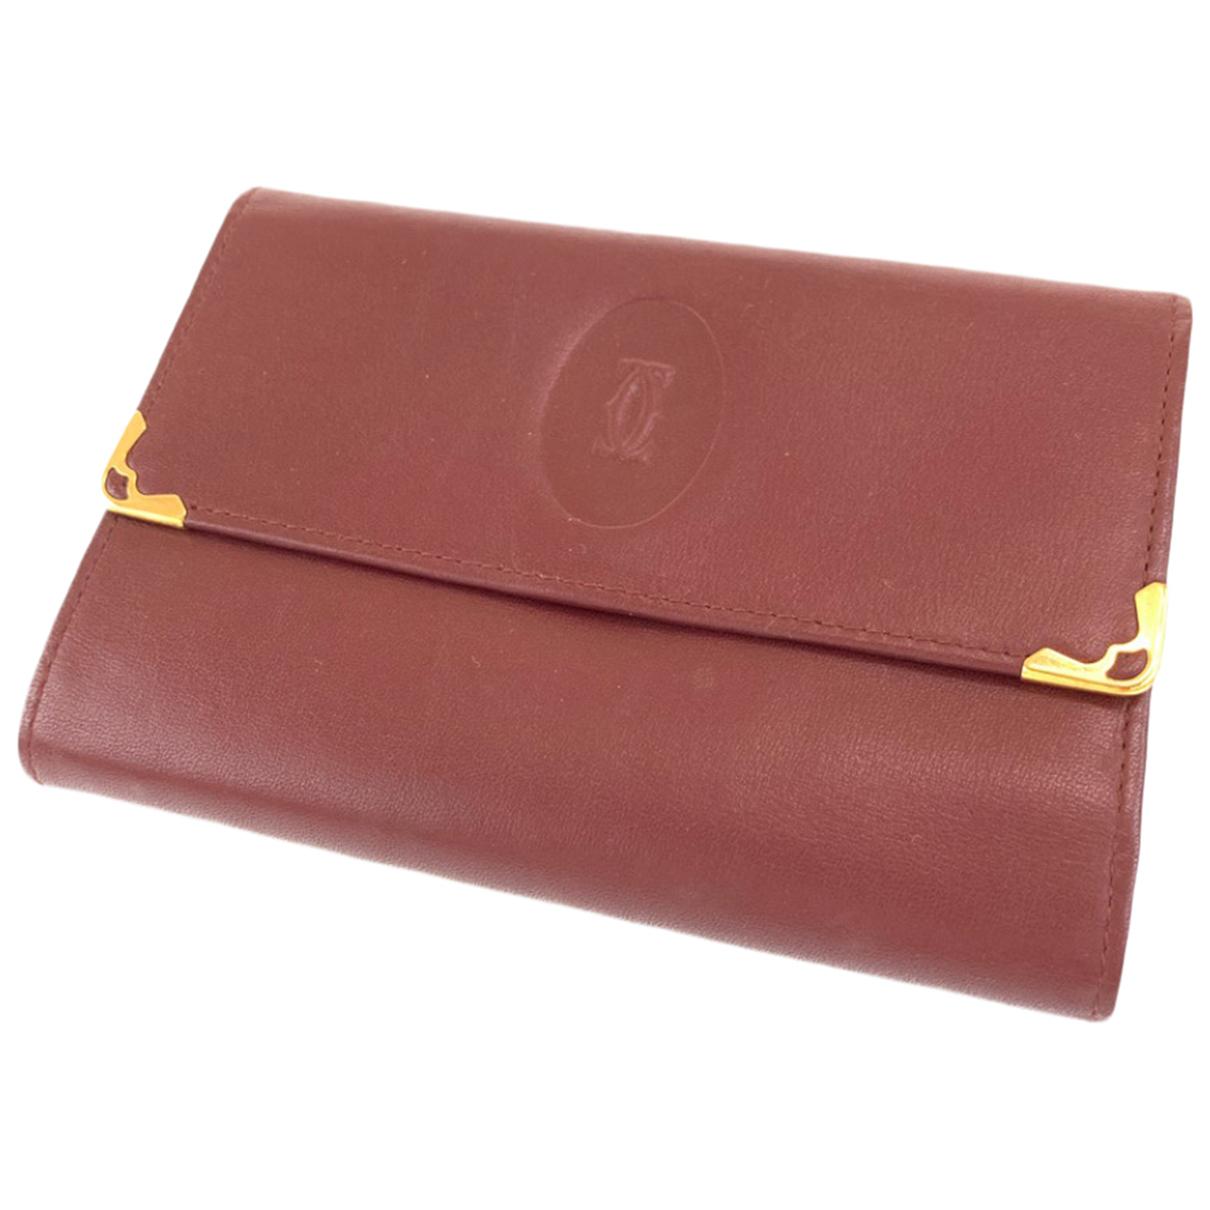 Cartier - Petite maroquinerie   pour femme en cuir